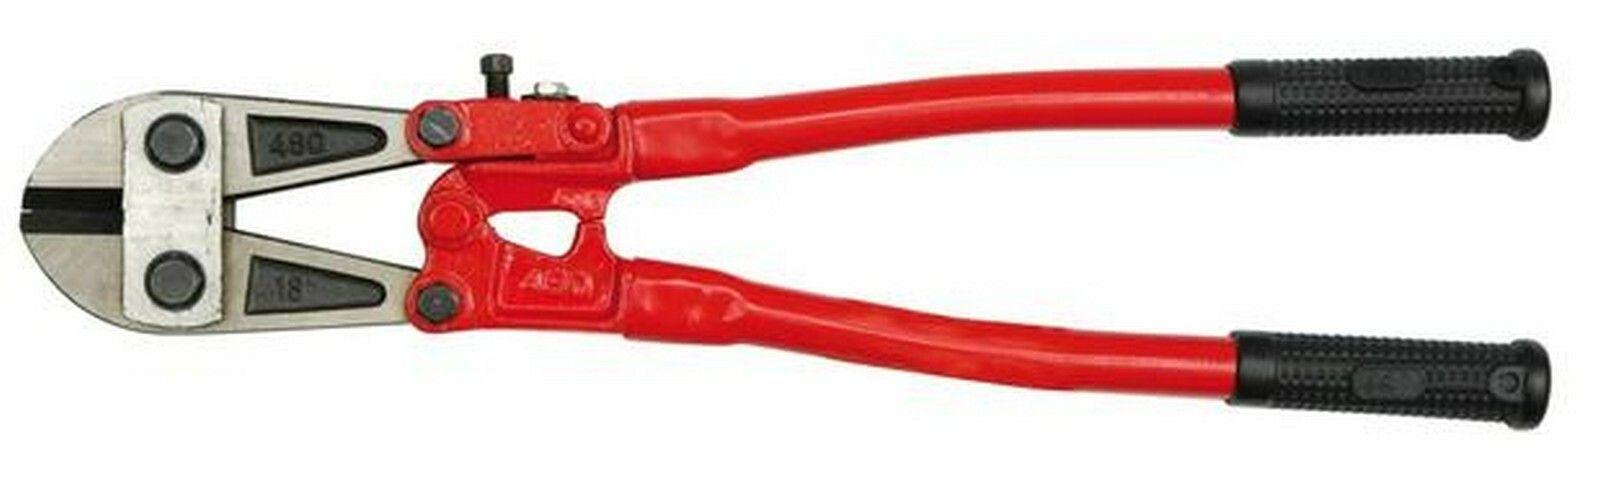 Nůžky štípací na tyče 600 mm TOYA